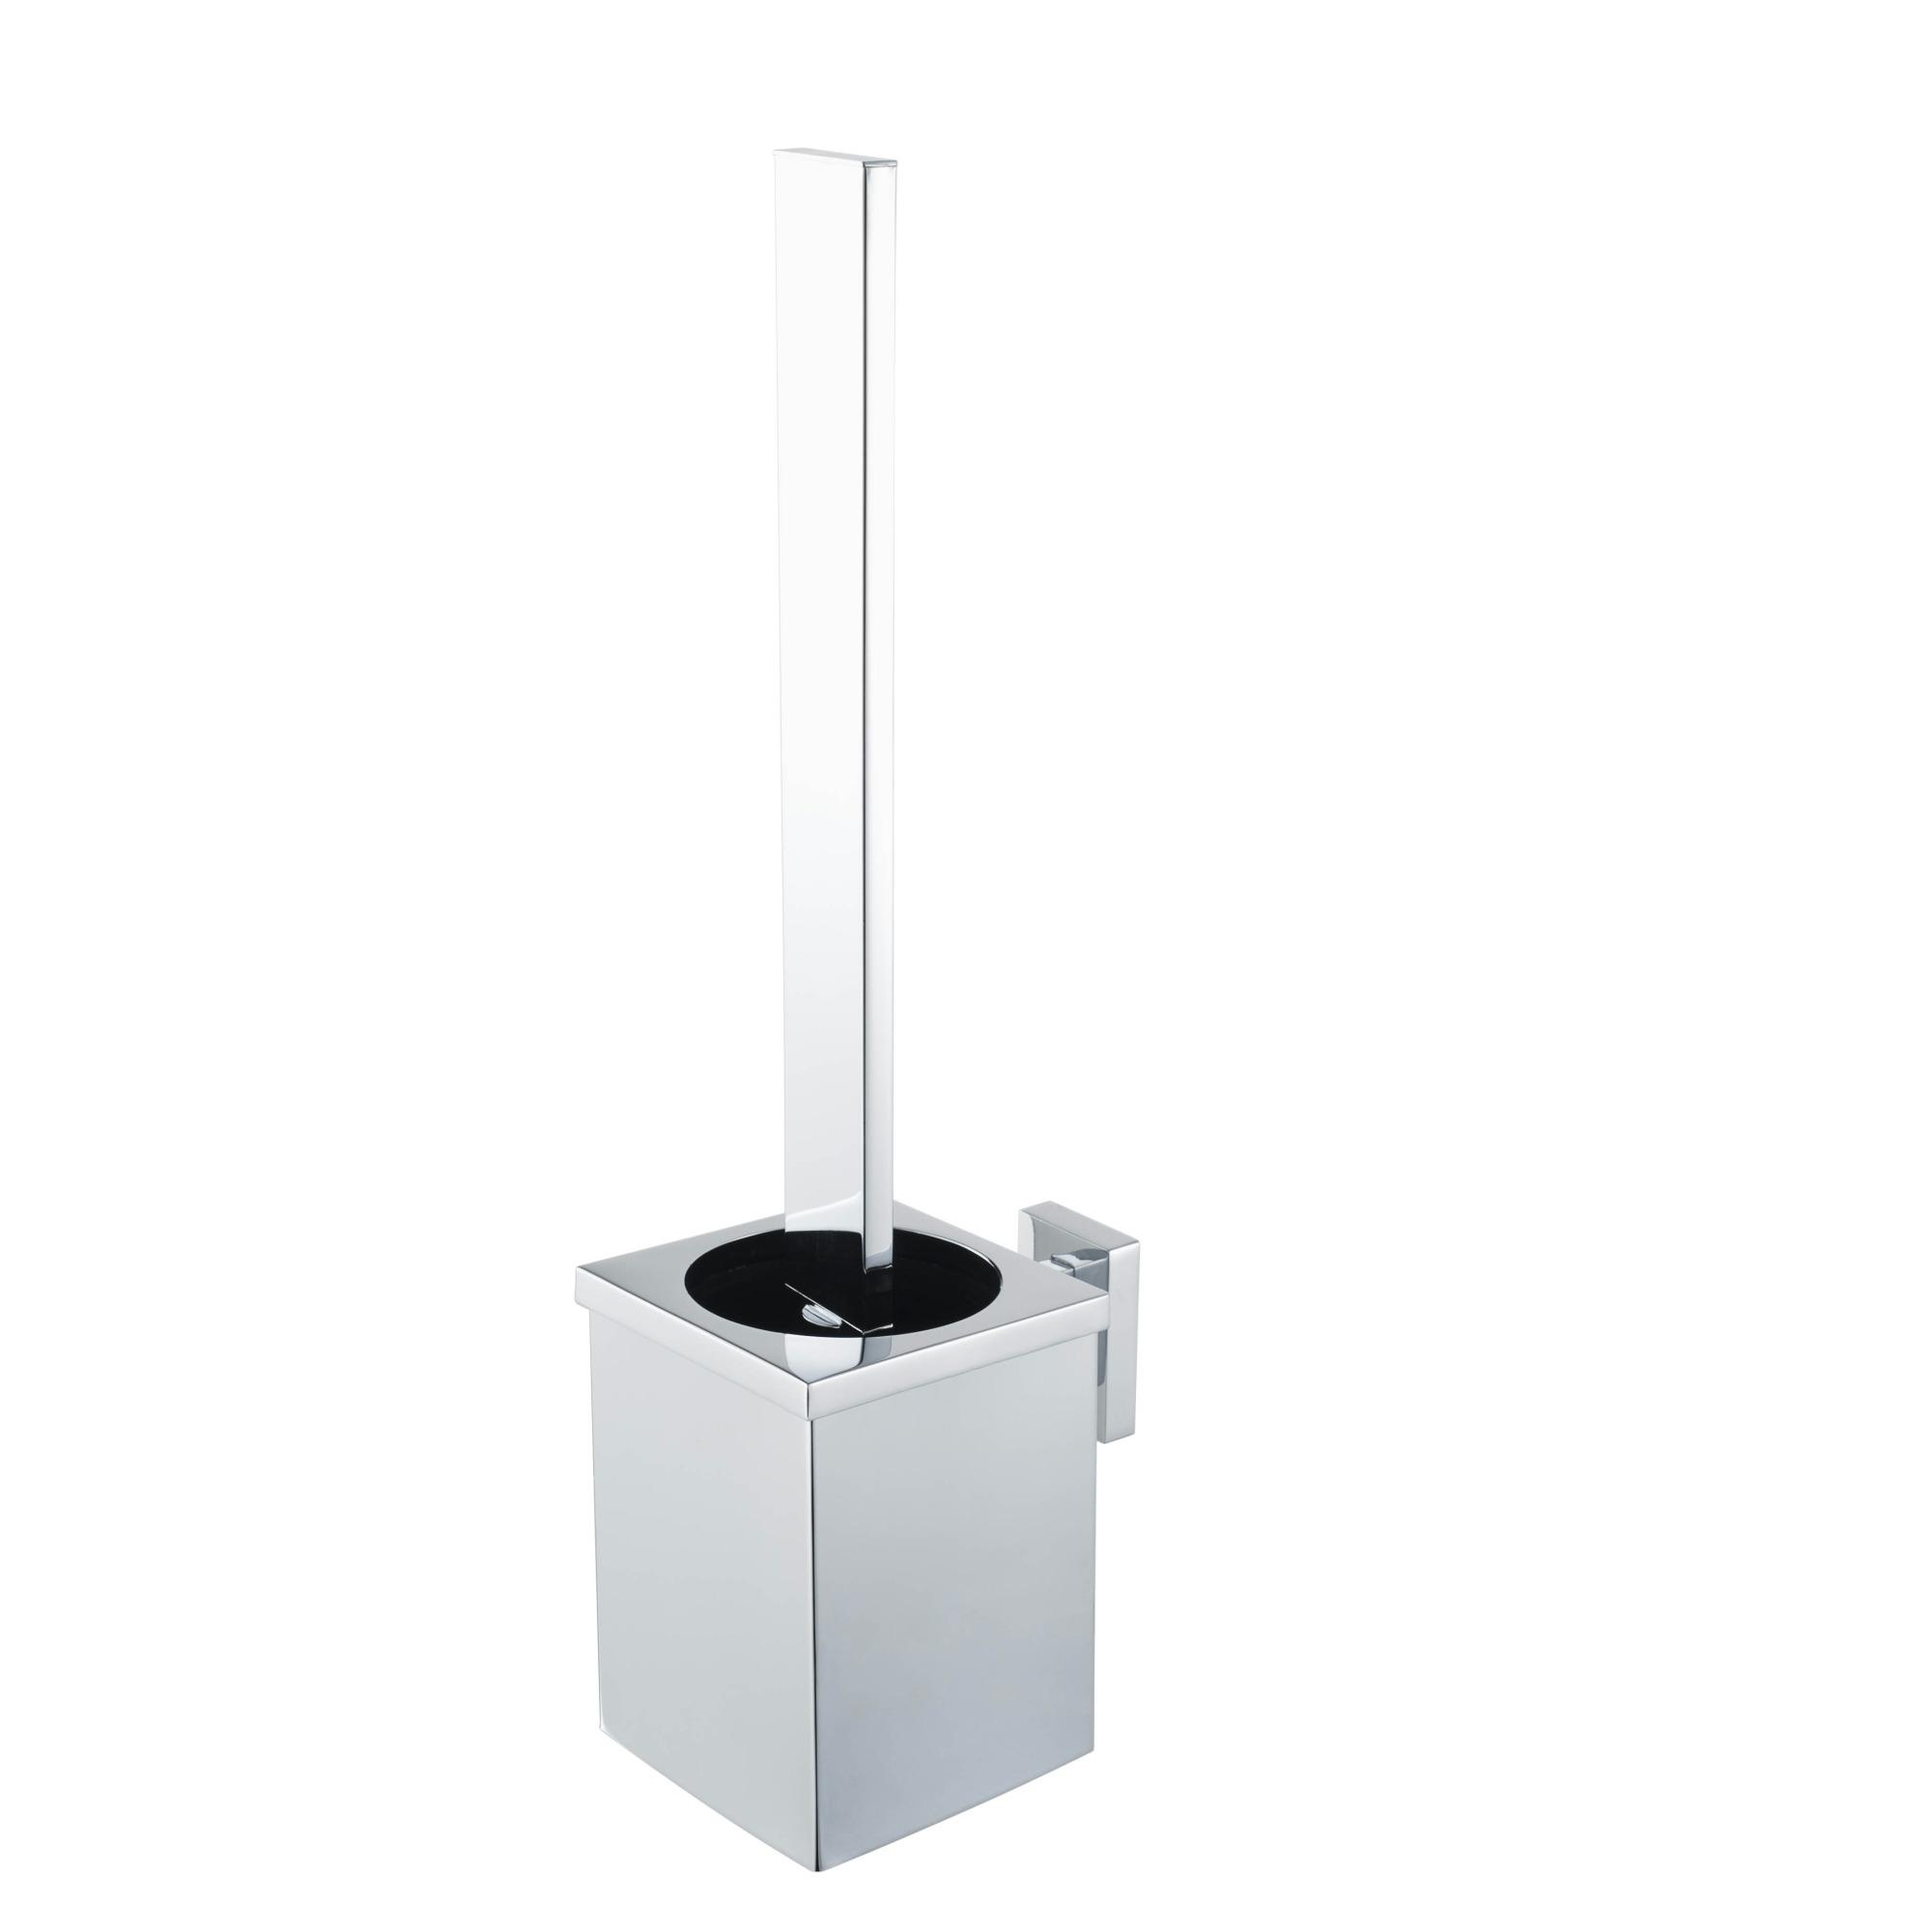 Haceka Edge Toiletborstelset chroom